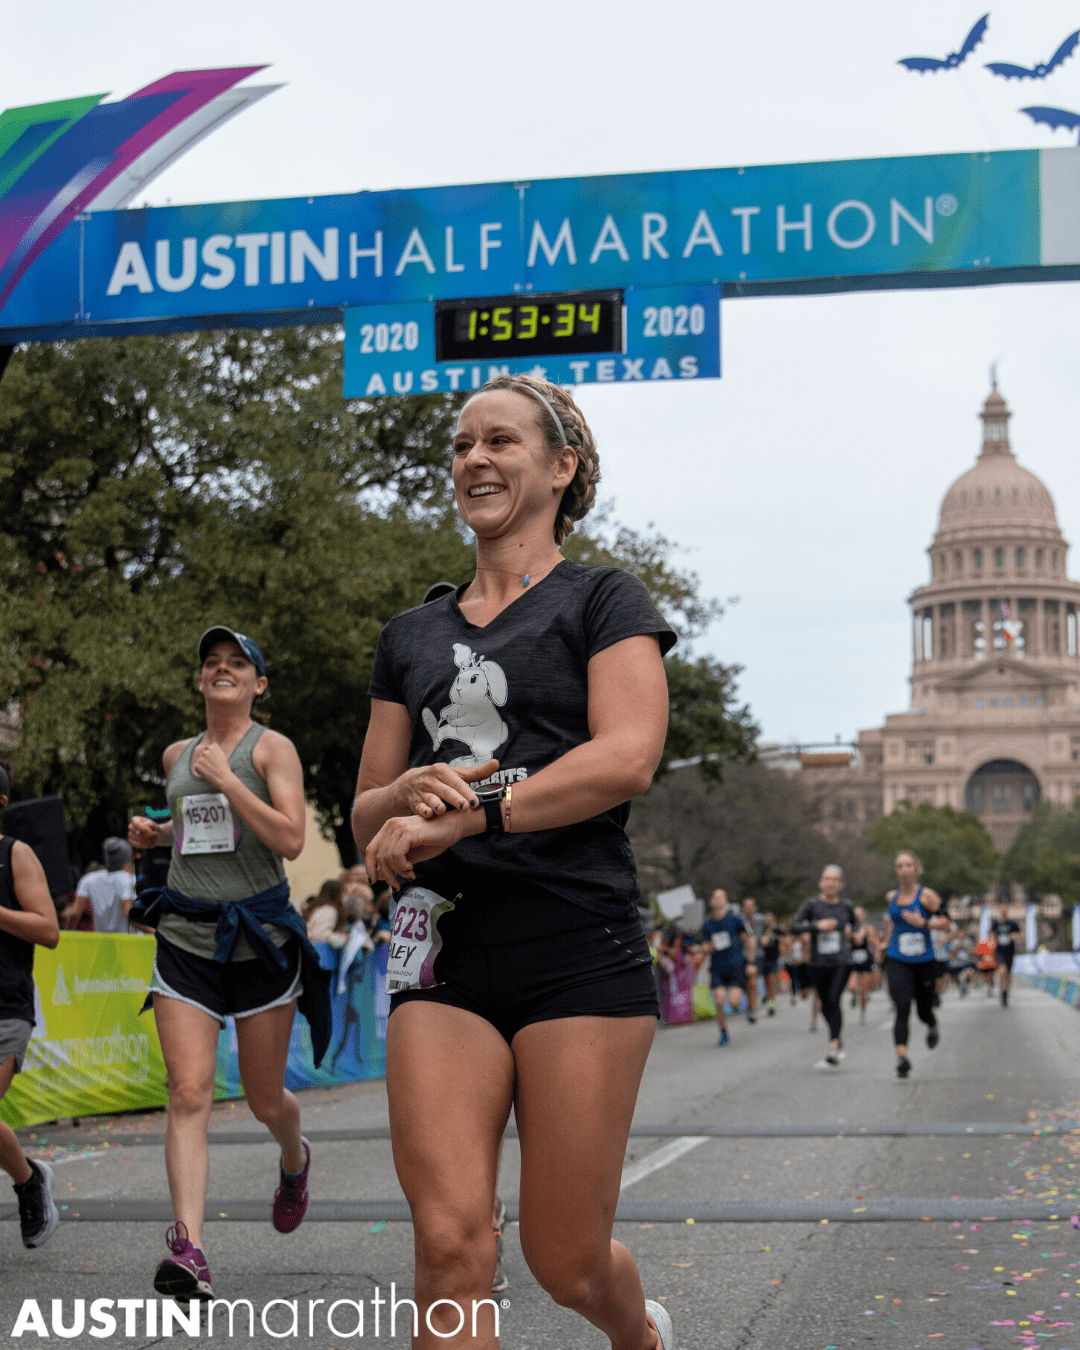 Female runner smiles as she crosses the 2020 Austin Half Marathon finish line.